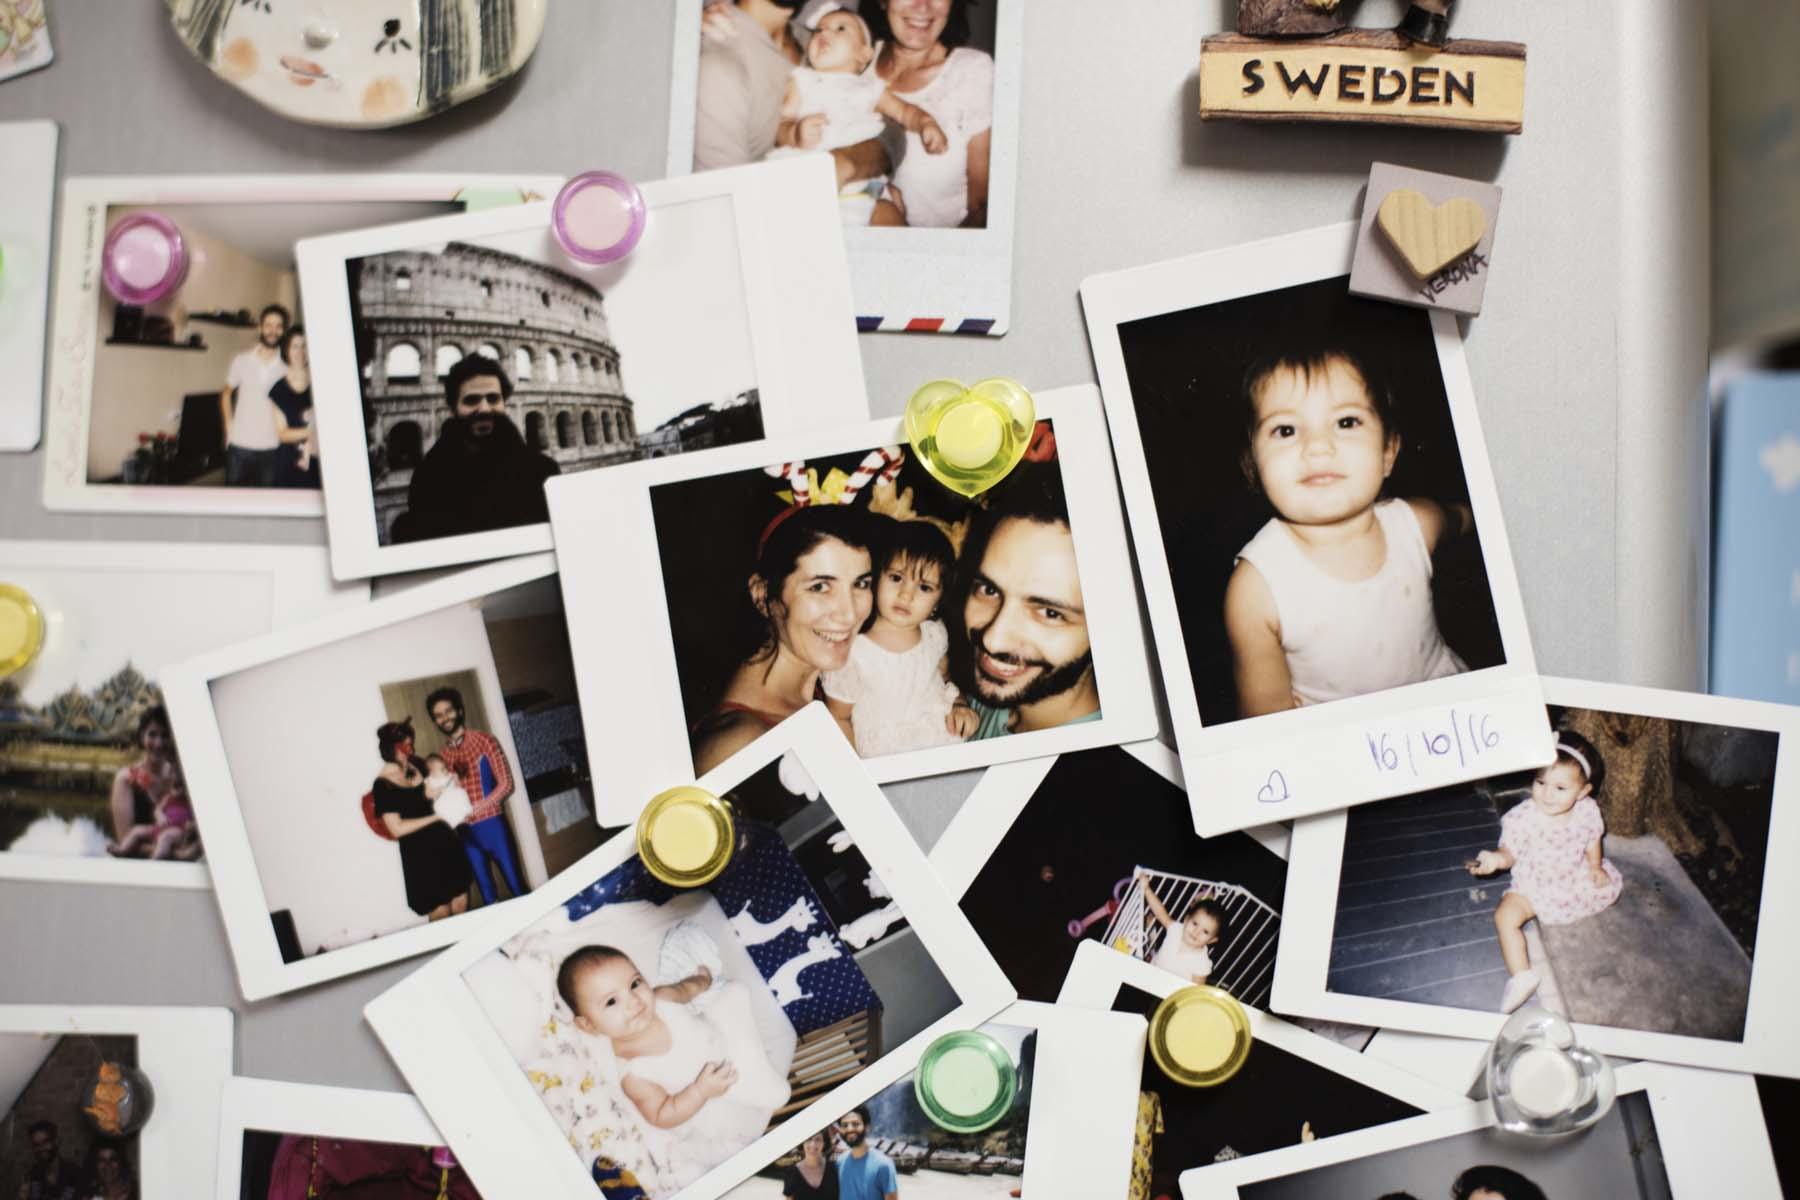 family photos on a wall